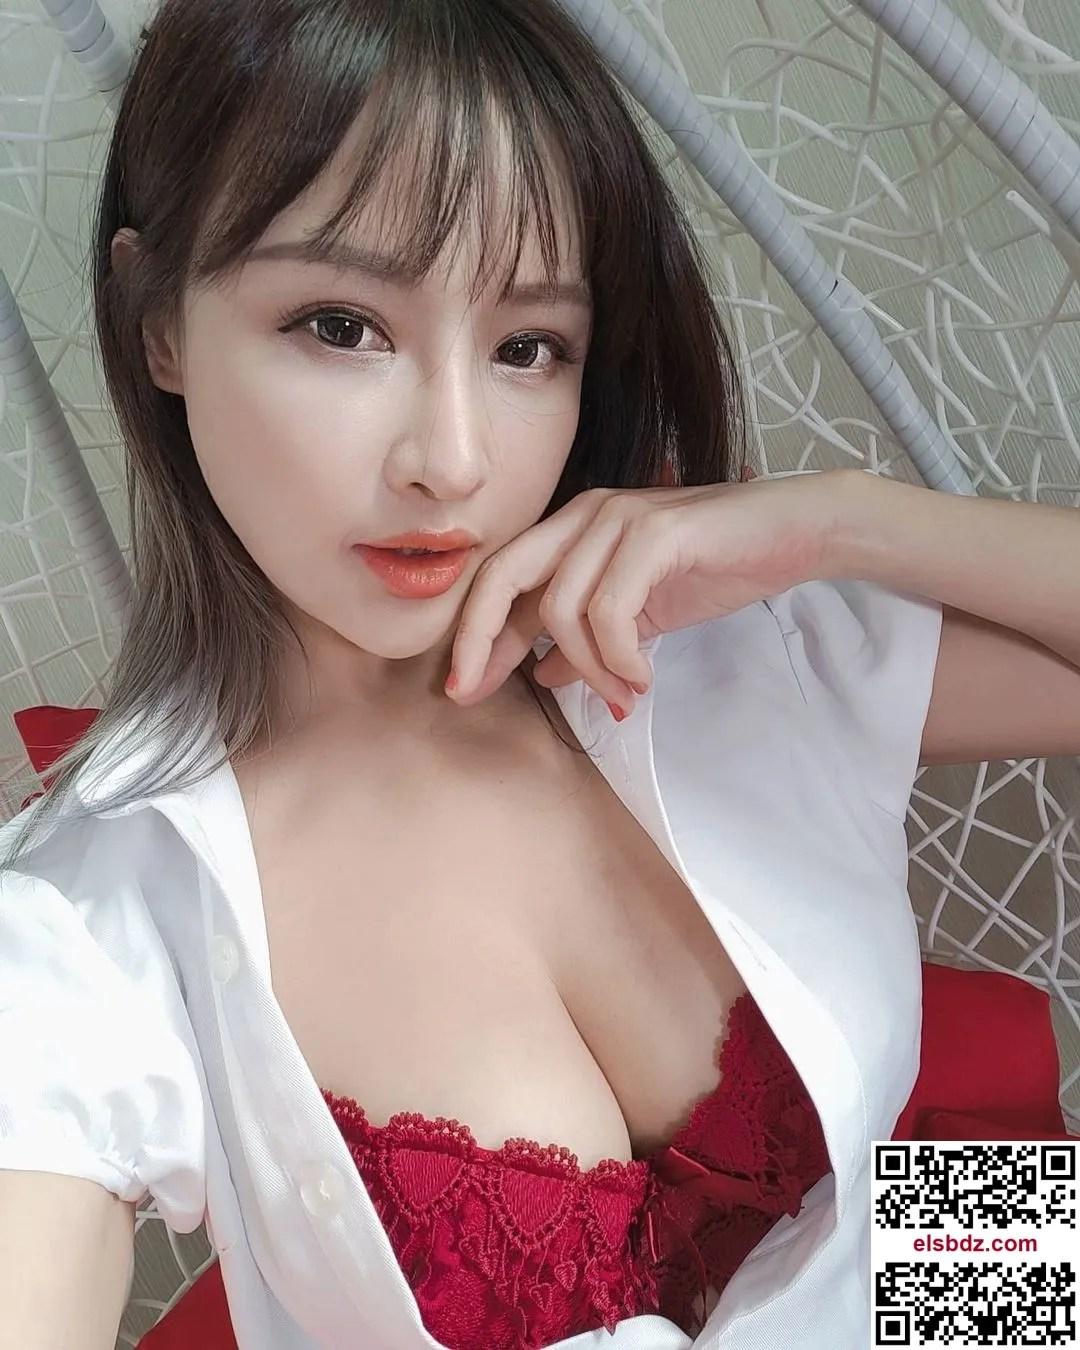 """Lei Yi """"发育成熟的美乳"""" 粉丝看了忍不住大赞插图(6)"""